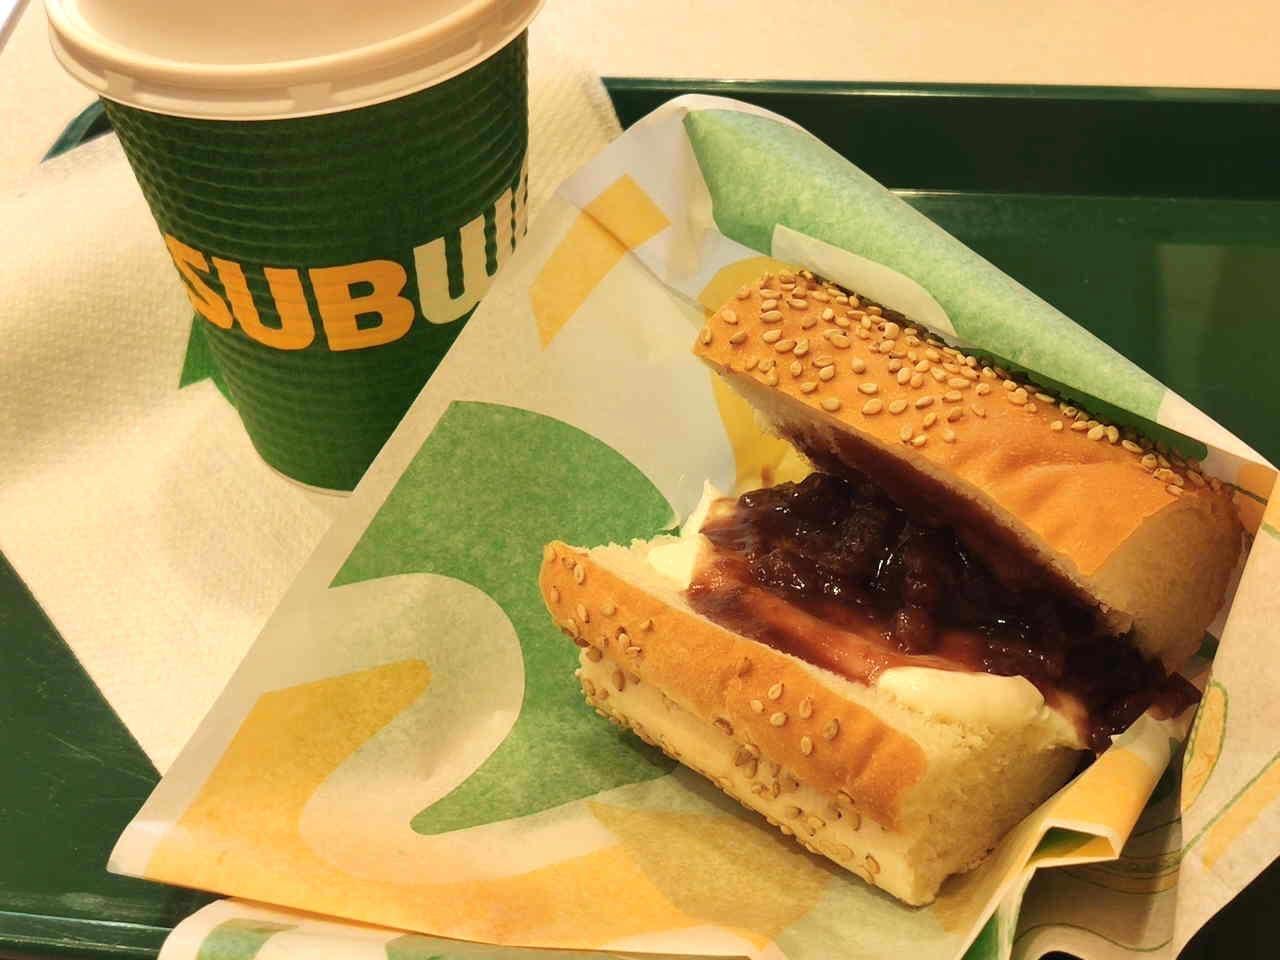 サブウェイ 甘いサンドイッチ